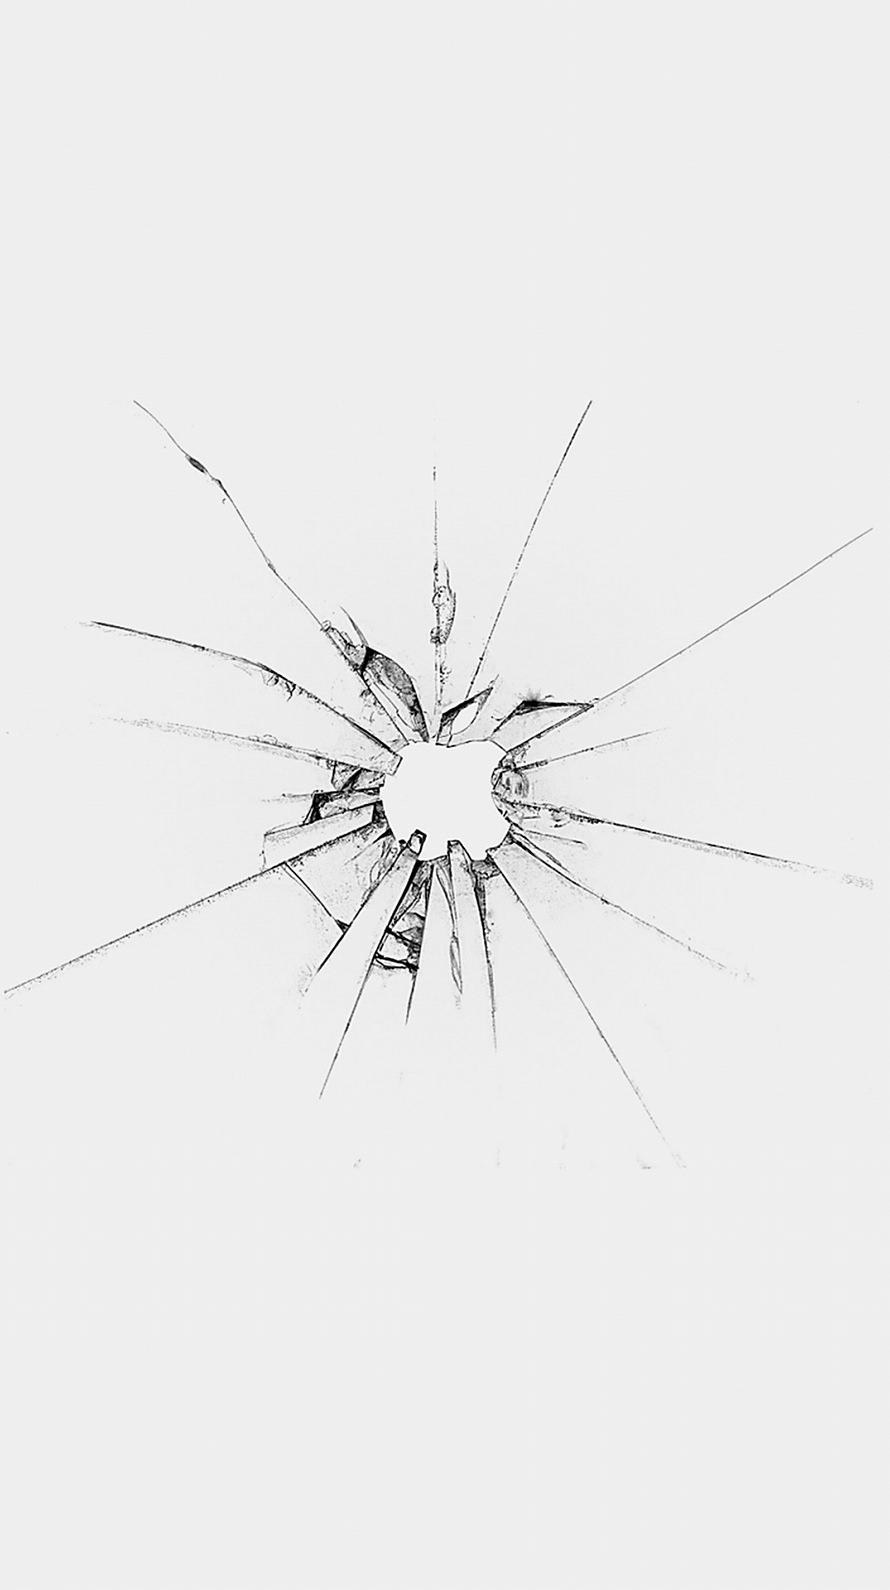 割れた白いガラス iPhone6壁紙